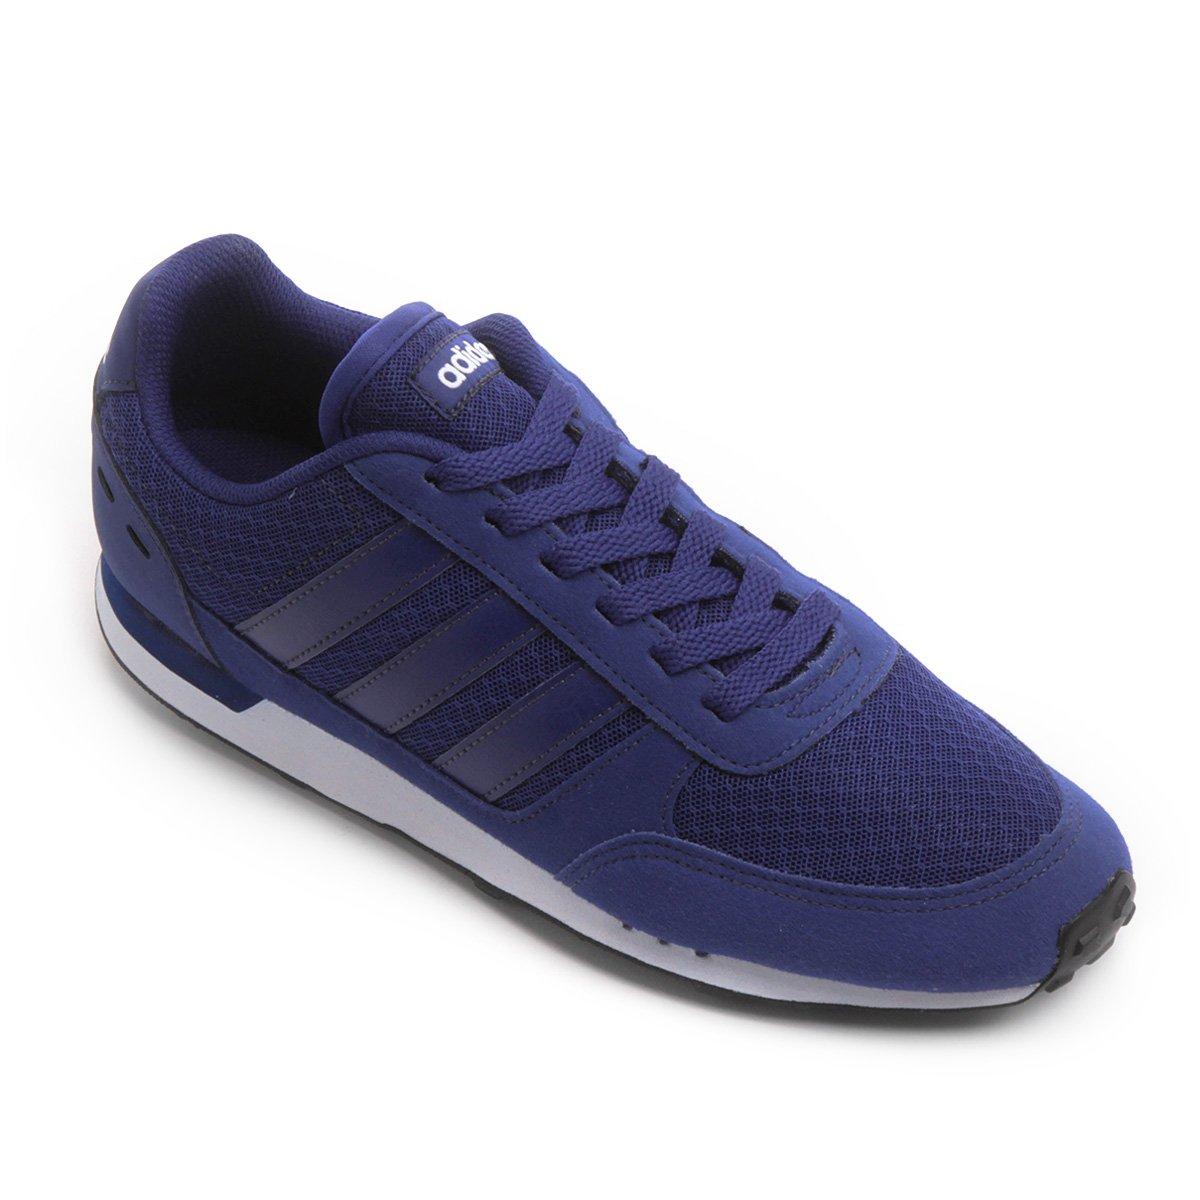 1fdb2b5247 Tênis Adidas City Racer W Feminino - Compre Agora